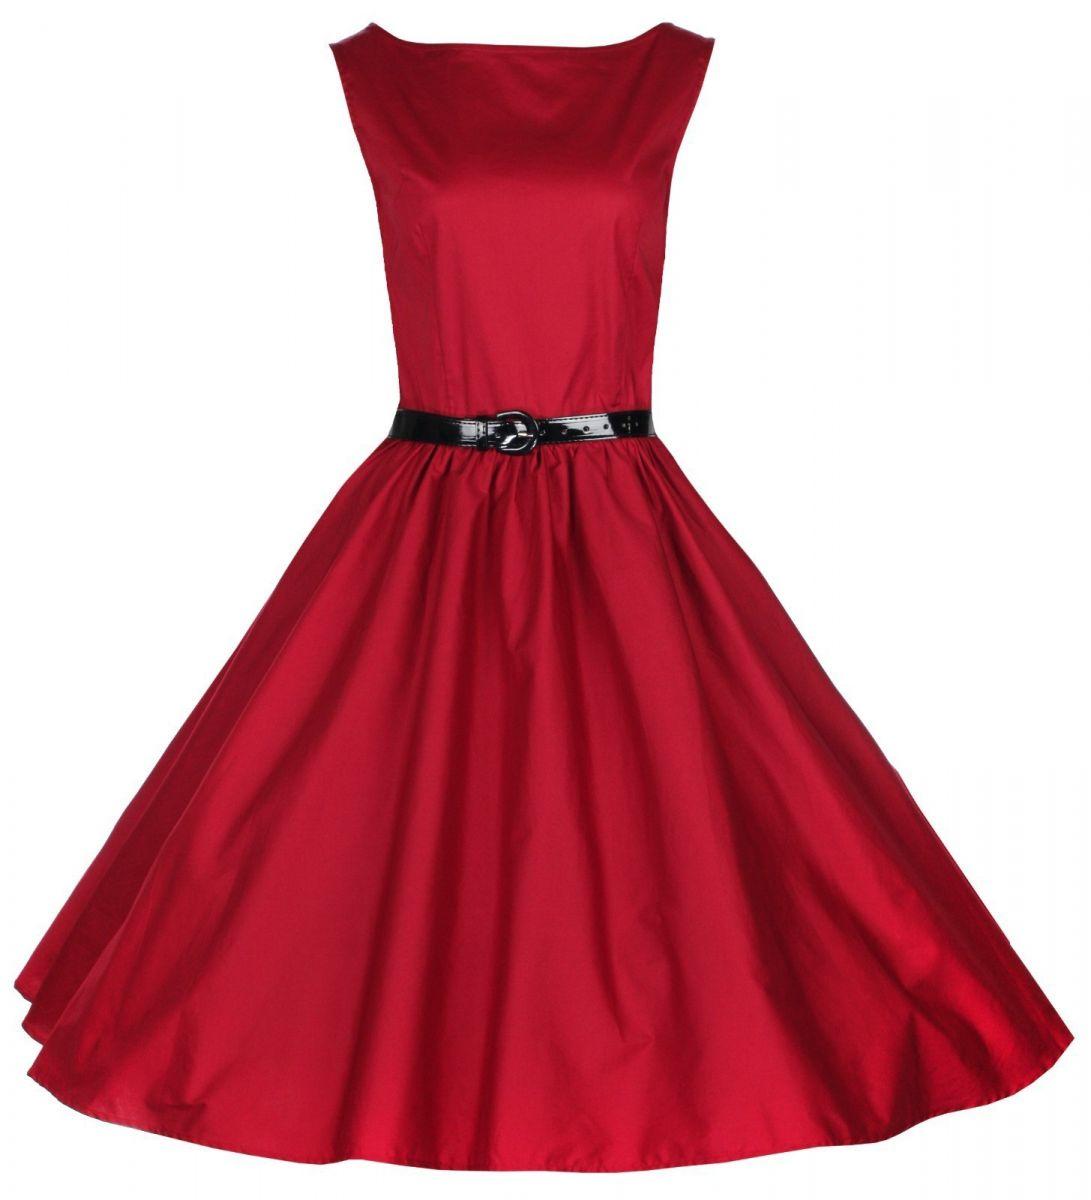 29c3ef00fcb Поддержка. Поддержка клиентов по телефону. Главная Каталог Одежда Красное  вечернее платье